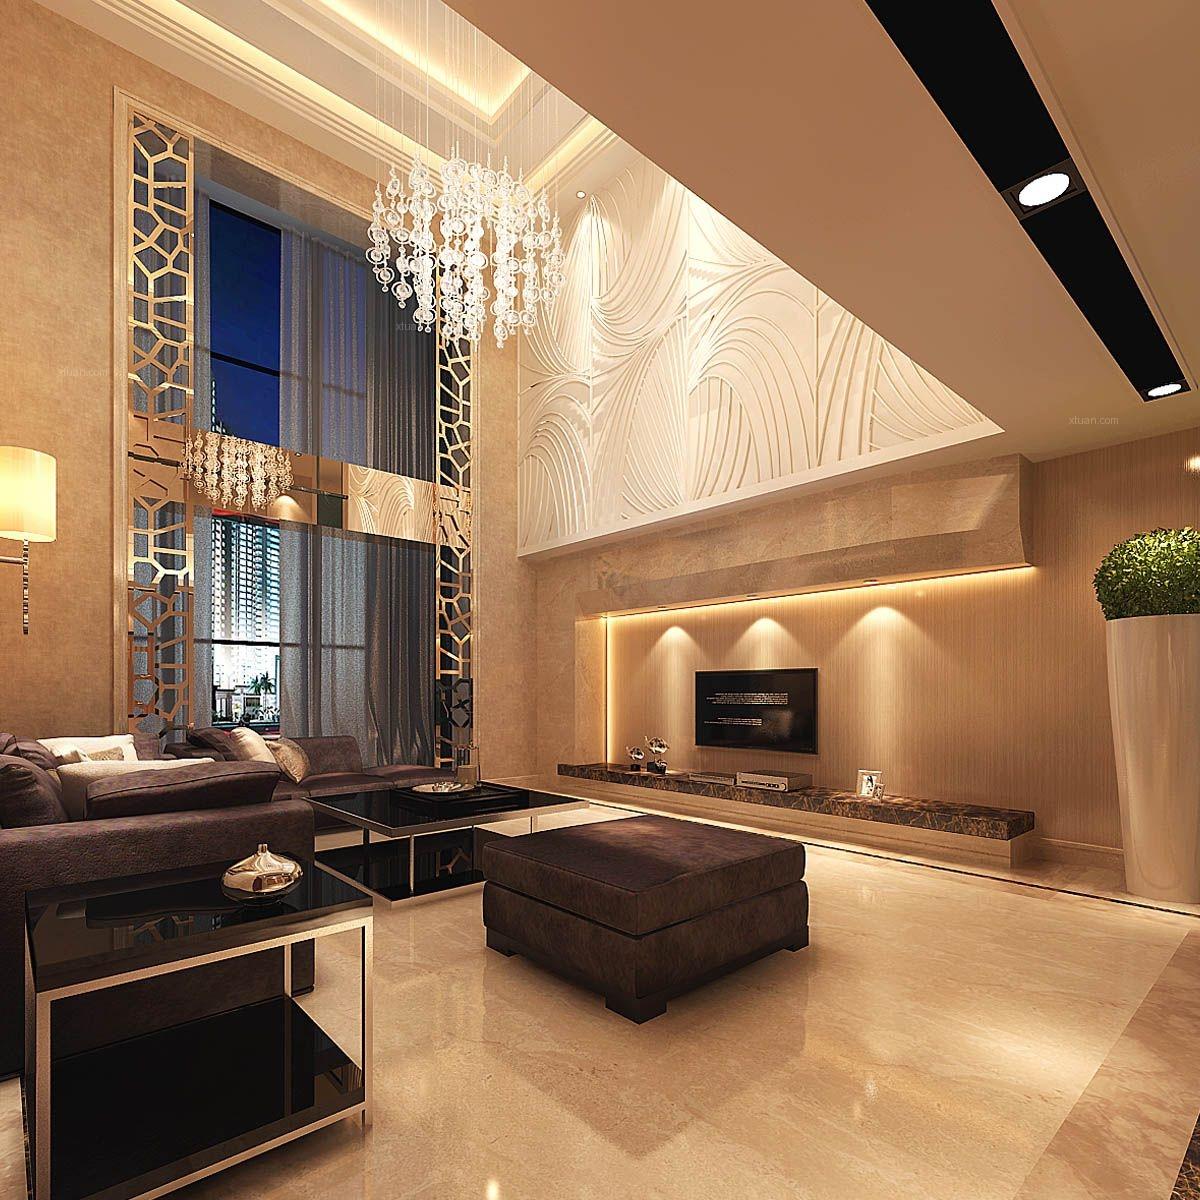 复式楼欧式风格客厅电视背景墙_新景5.8装修效果图图片